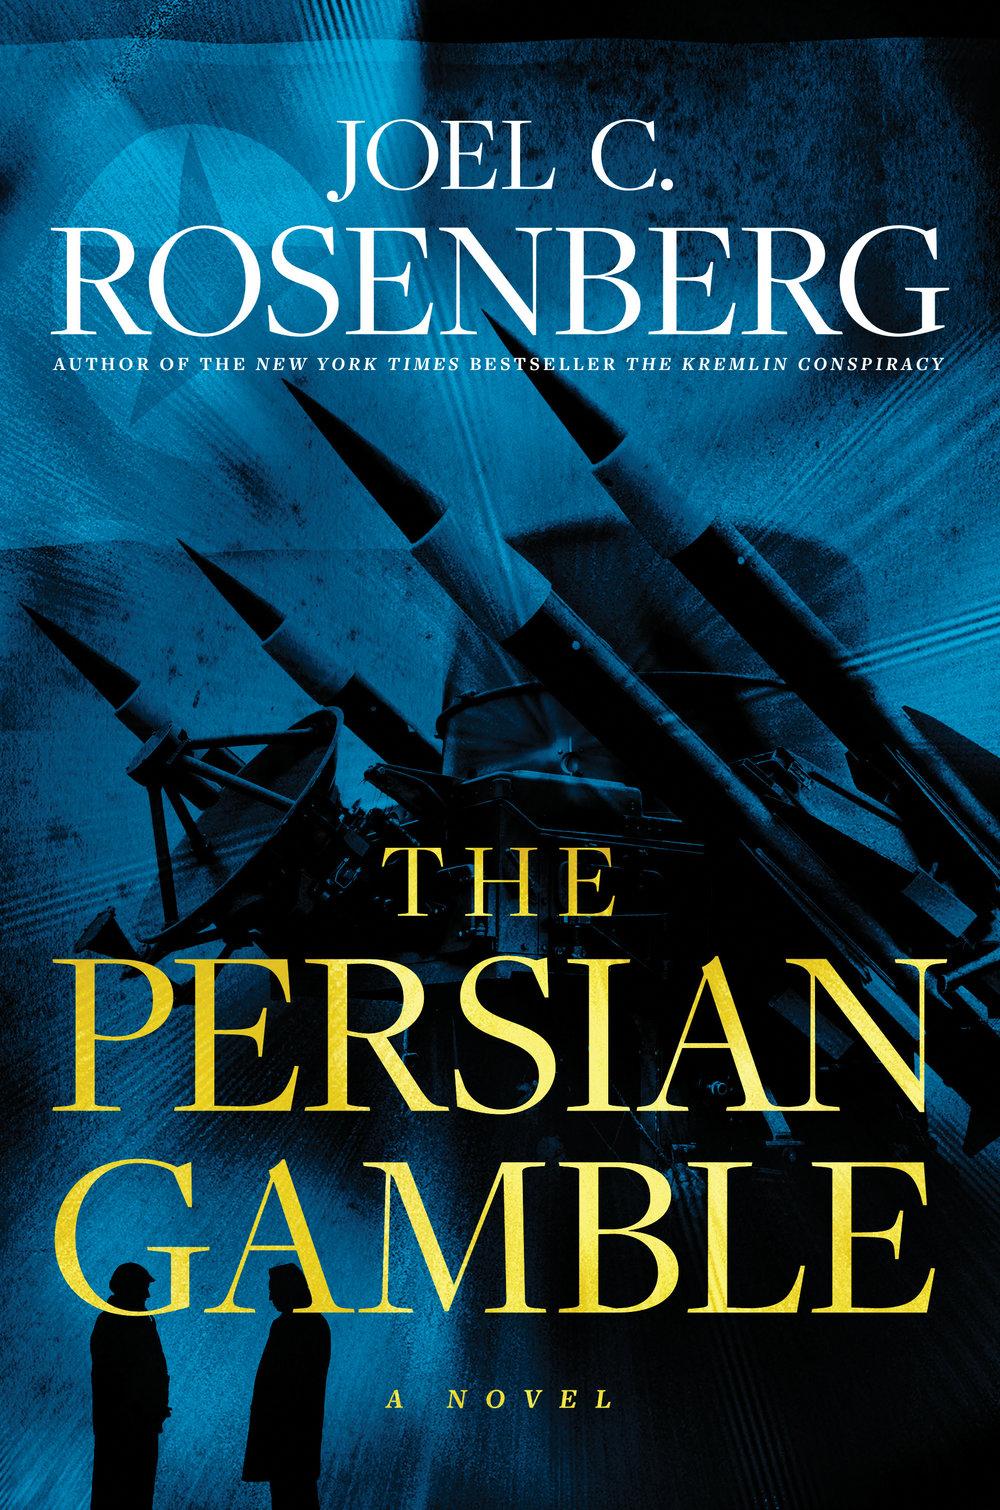 The Persian Gamble.jpg